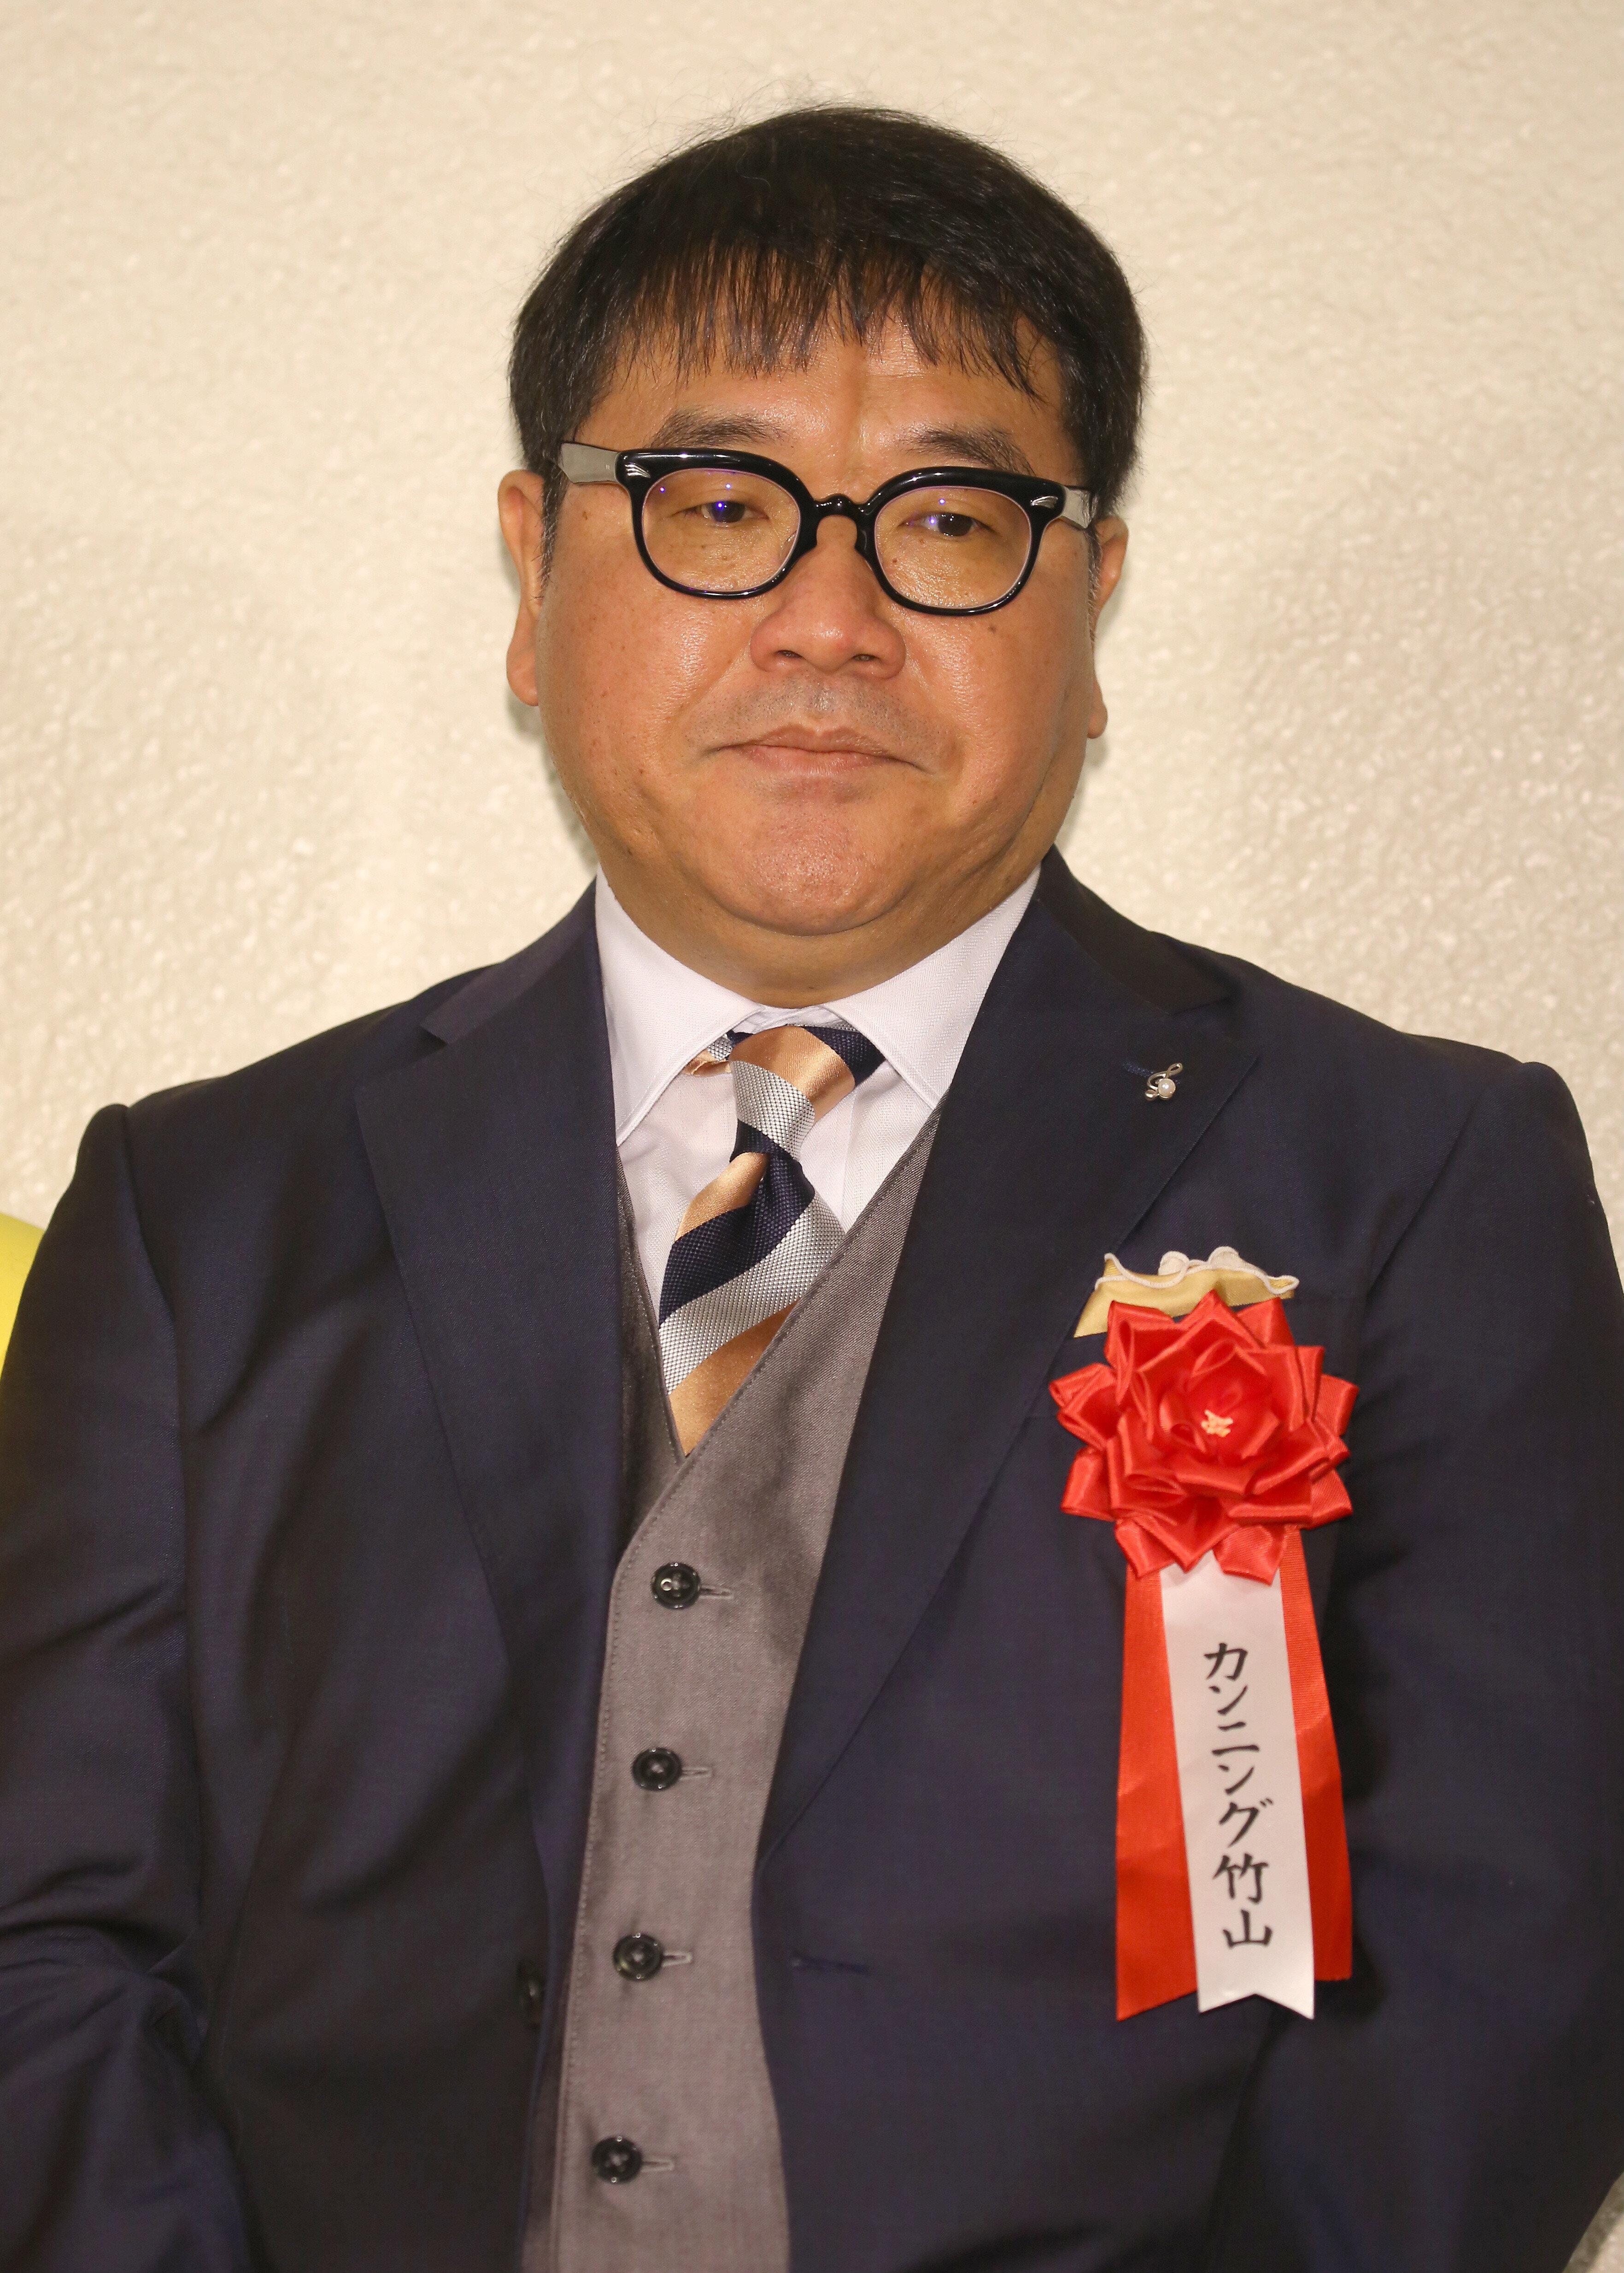 サンミュージックグループ創立50周年記念式典に出席したカンニング竹山さん=2018年11月27日撮影